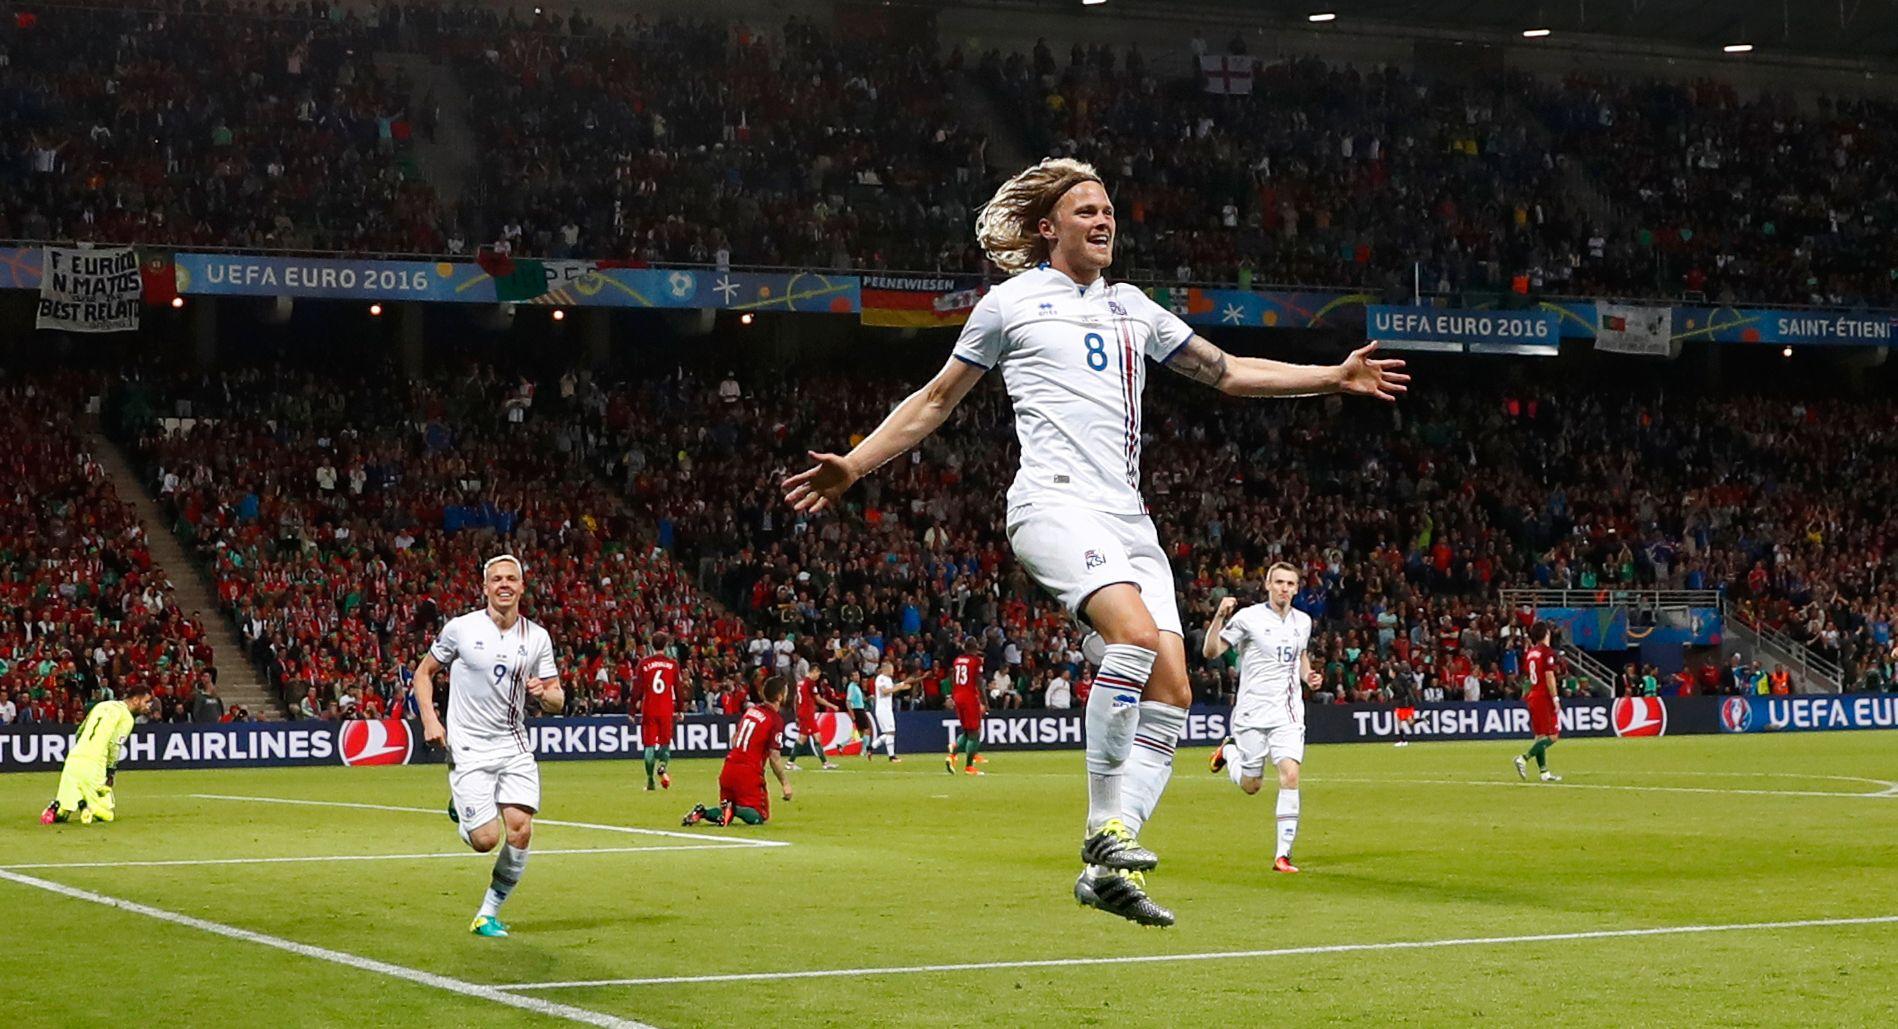 HISTORISK SCORING: Birkir Bjarnason jubler etter å ha satt inn 1-1 mot Portugal, Islands første mål i et mesterskap noensinne.